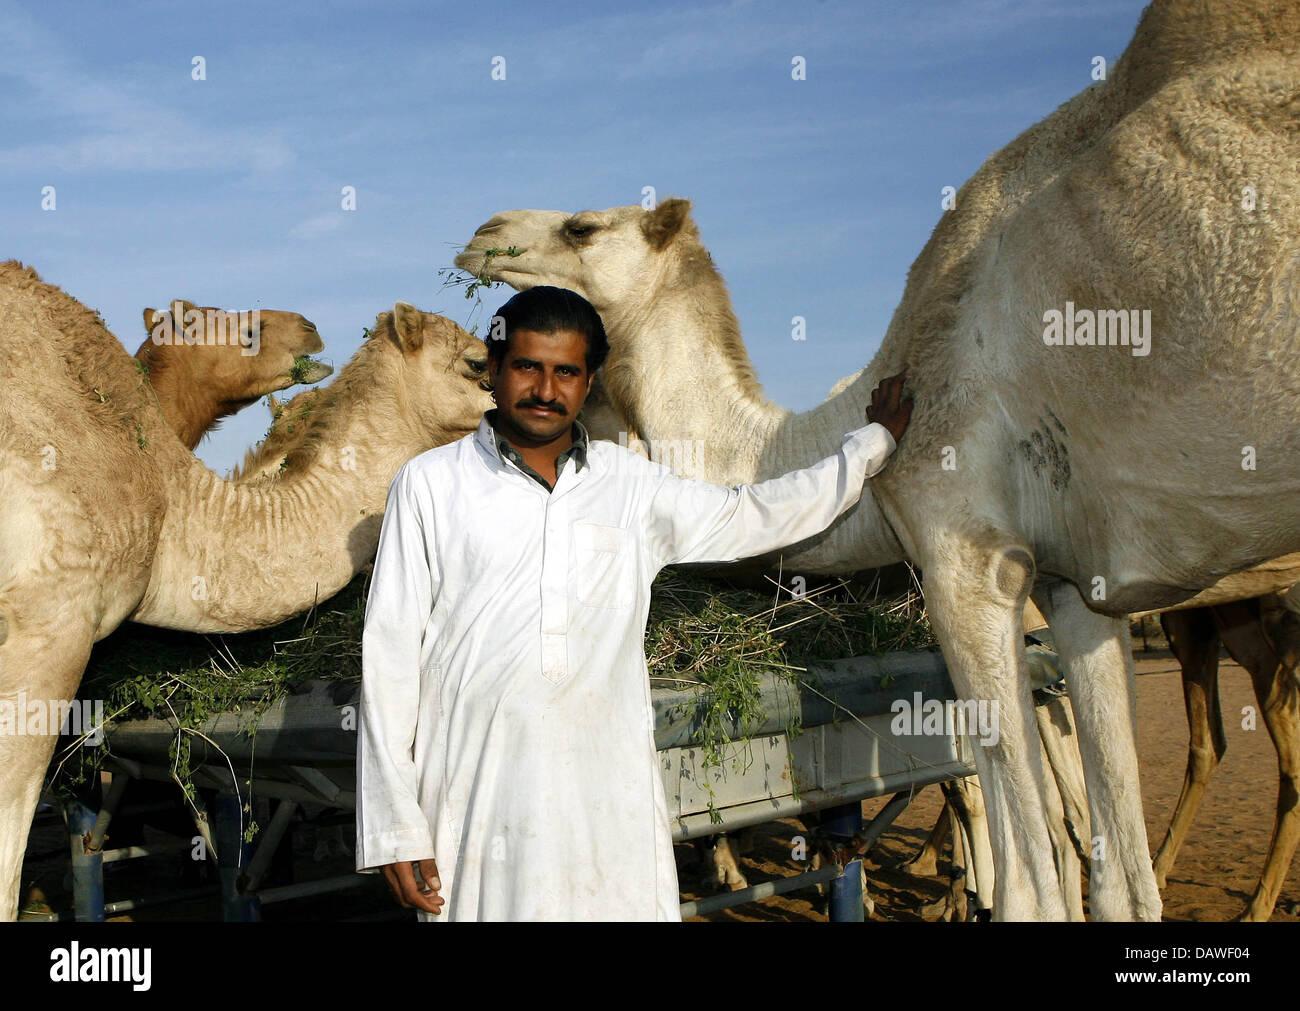 Un berger avec ses dromadaires dans l'Émirat de Sharjah, Emirats Arabes Unis, le 31 janvier 2007. Le petit Photo Stock